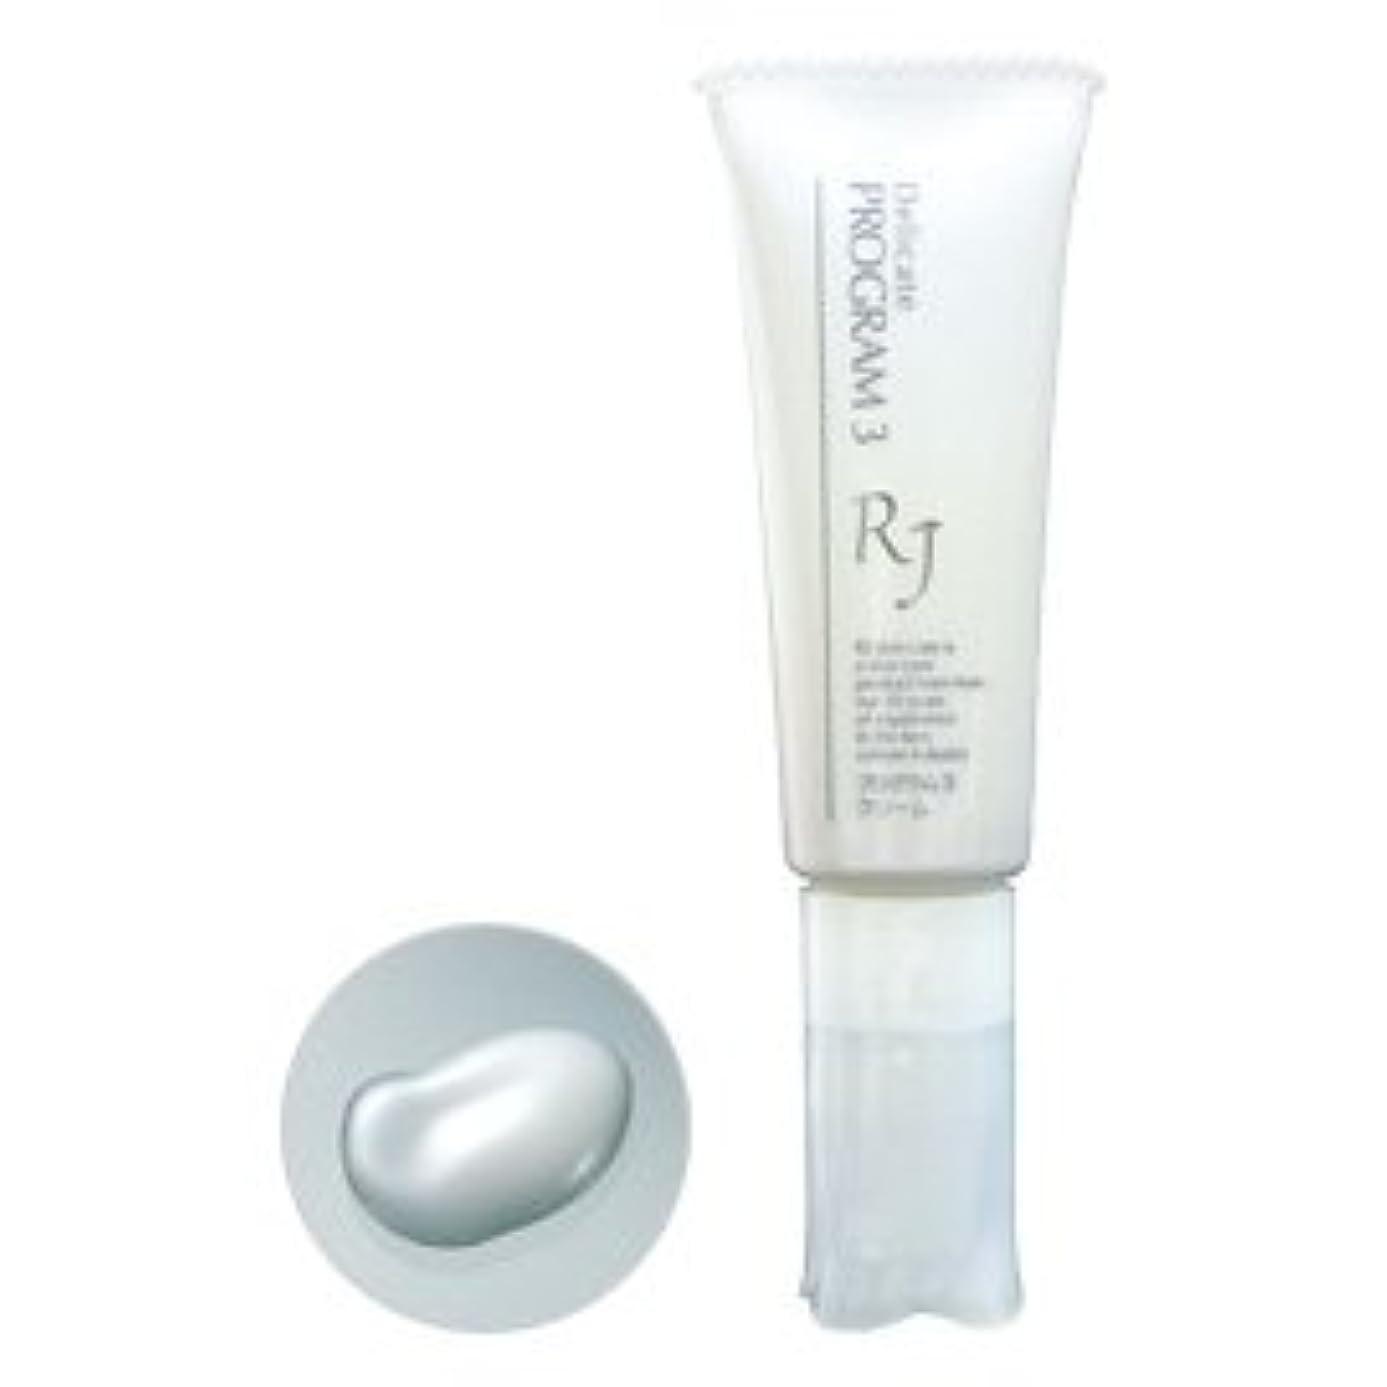 ウミウシダム未払いプログラム3 クリーム 敏感肌用保湿クリーム 20g